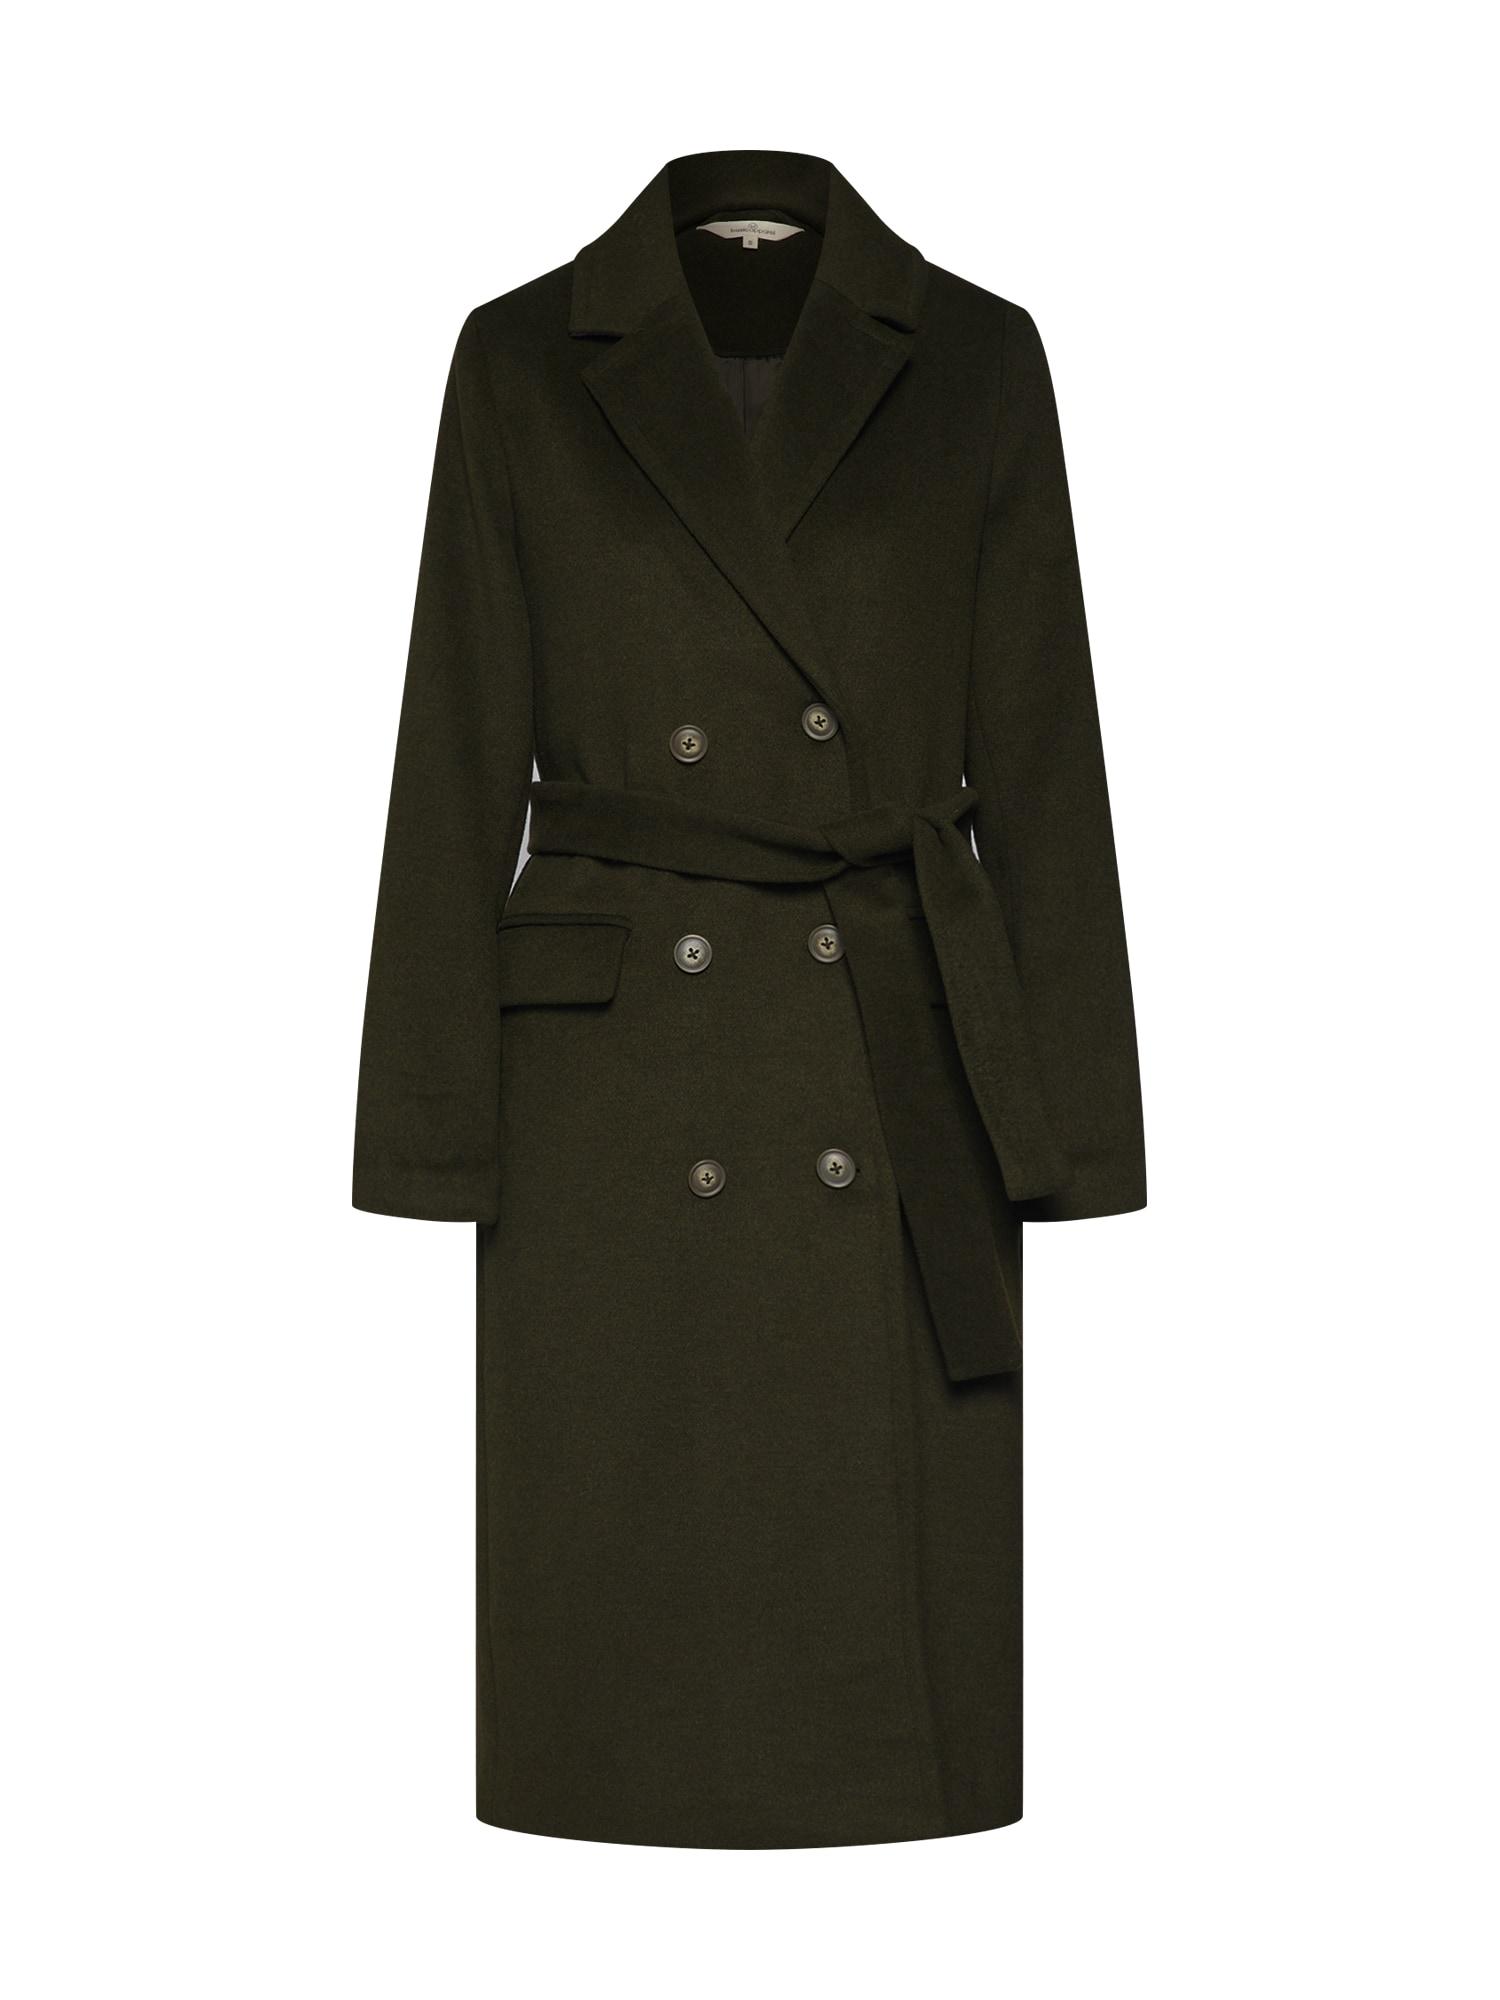 basic apparel Rudeninis-žieminis paltas 'Clara coat' rusvai žalia